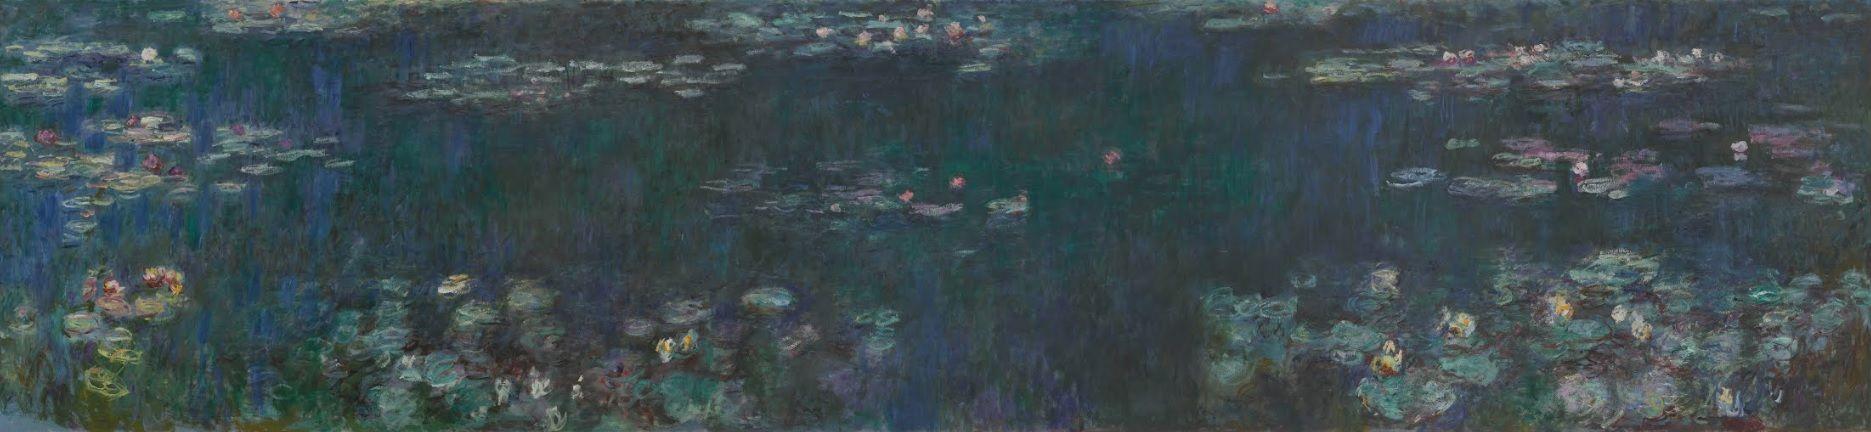 Claude Monet, Nilüferler, Yeşil Yansımalar, 1915-1926 dolayları, Musée de  l'Orangerie, Paris, Fransa. | Monet, Nilüferler, Yeşil